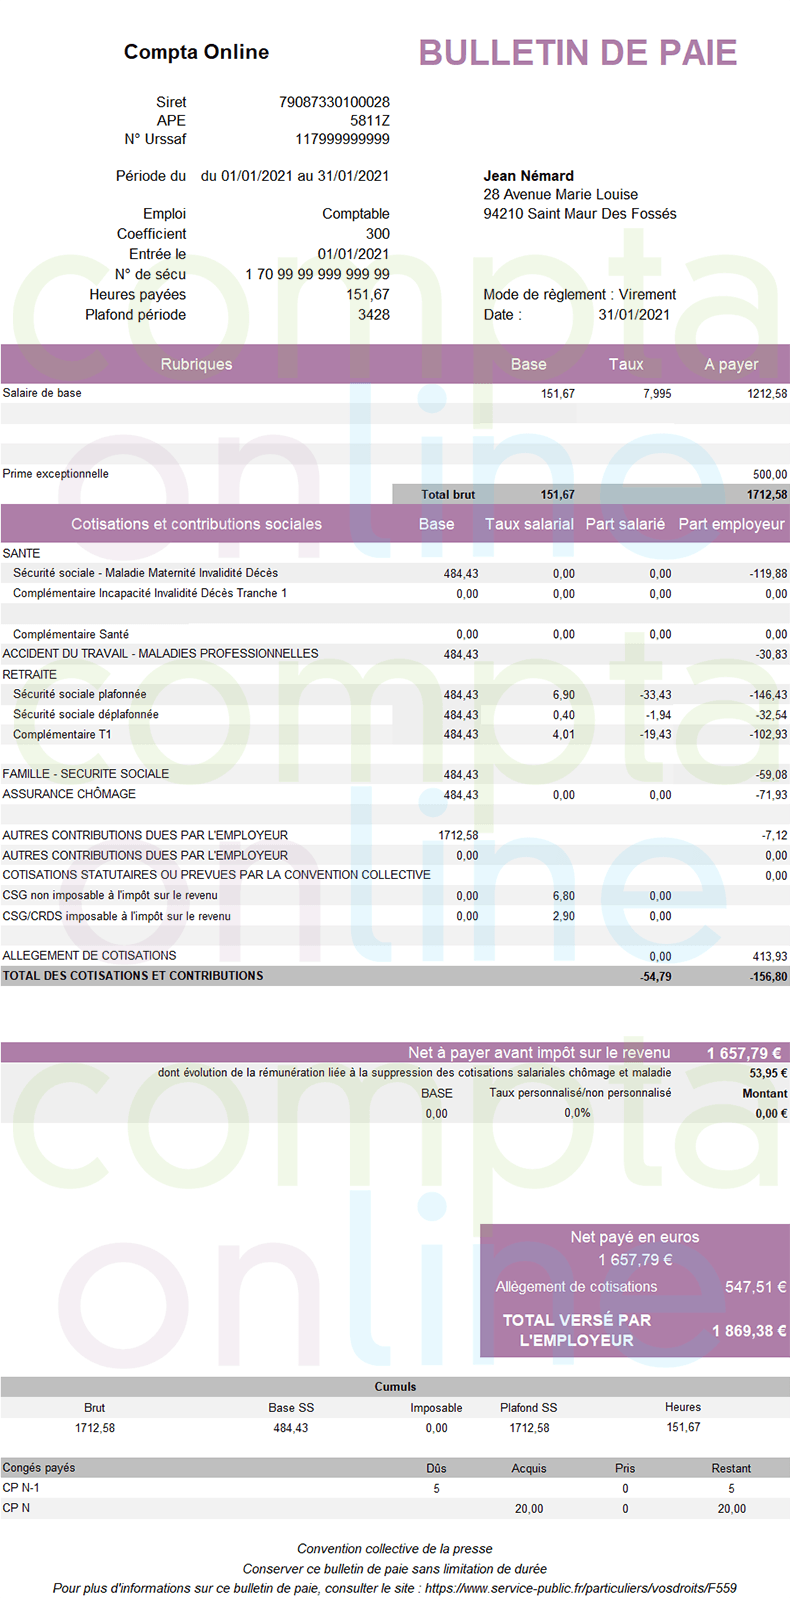 Exemple de fiche de paie 2021 apprenti : salaire supérieur à 79% du SMIC